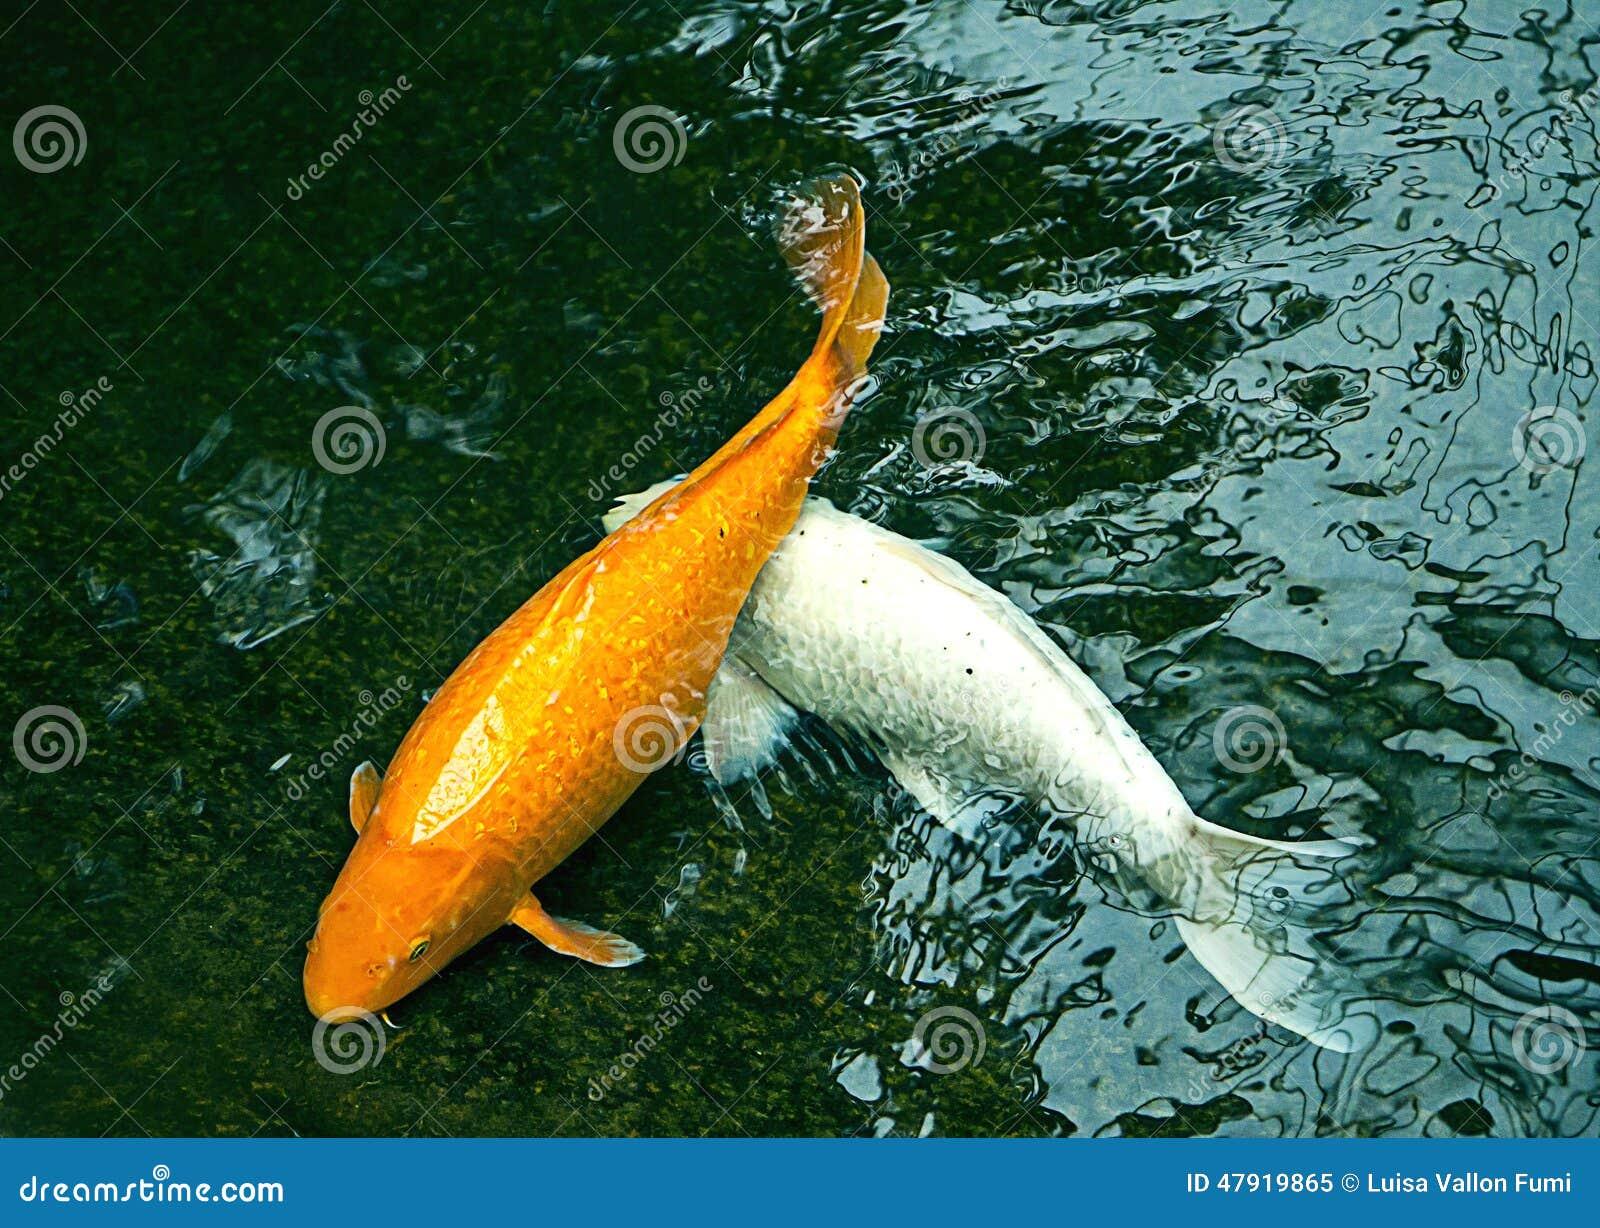 Ornamental pond fish golden 100 images golden comet for Ornamental pond fish uk